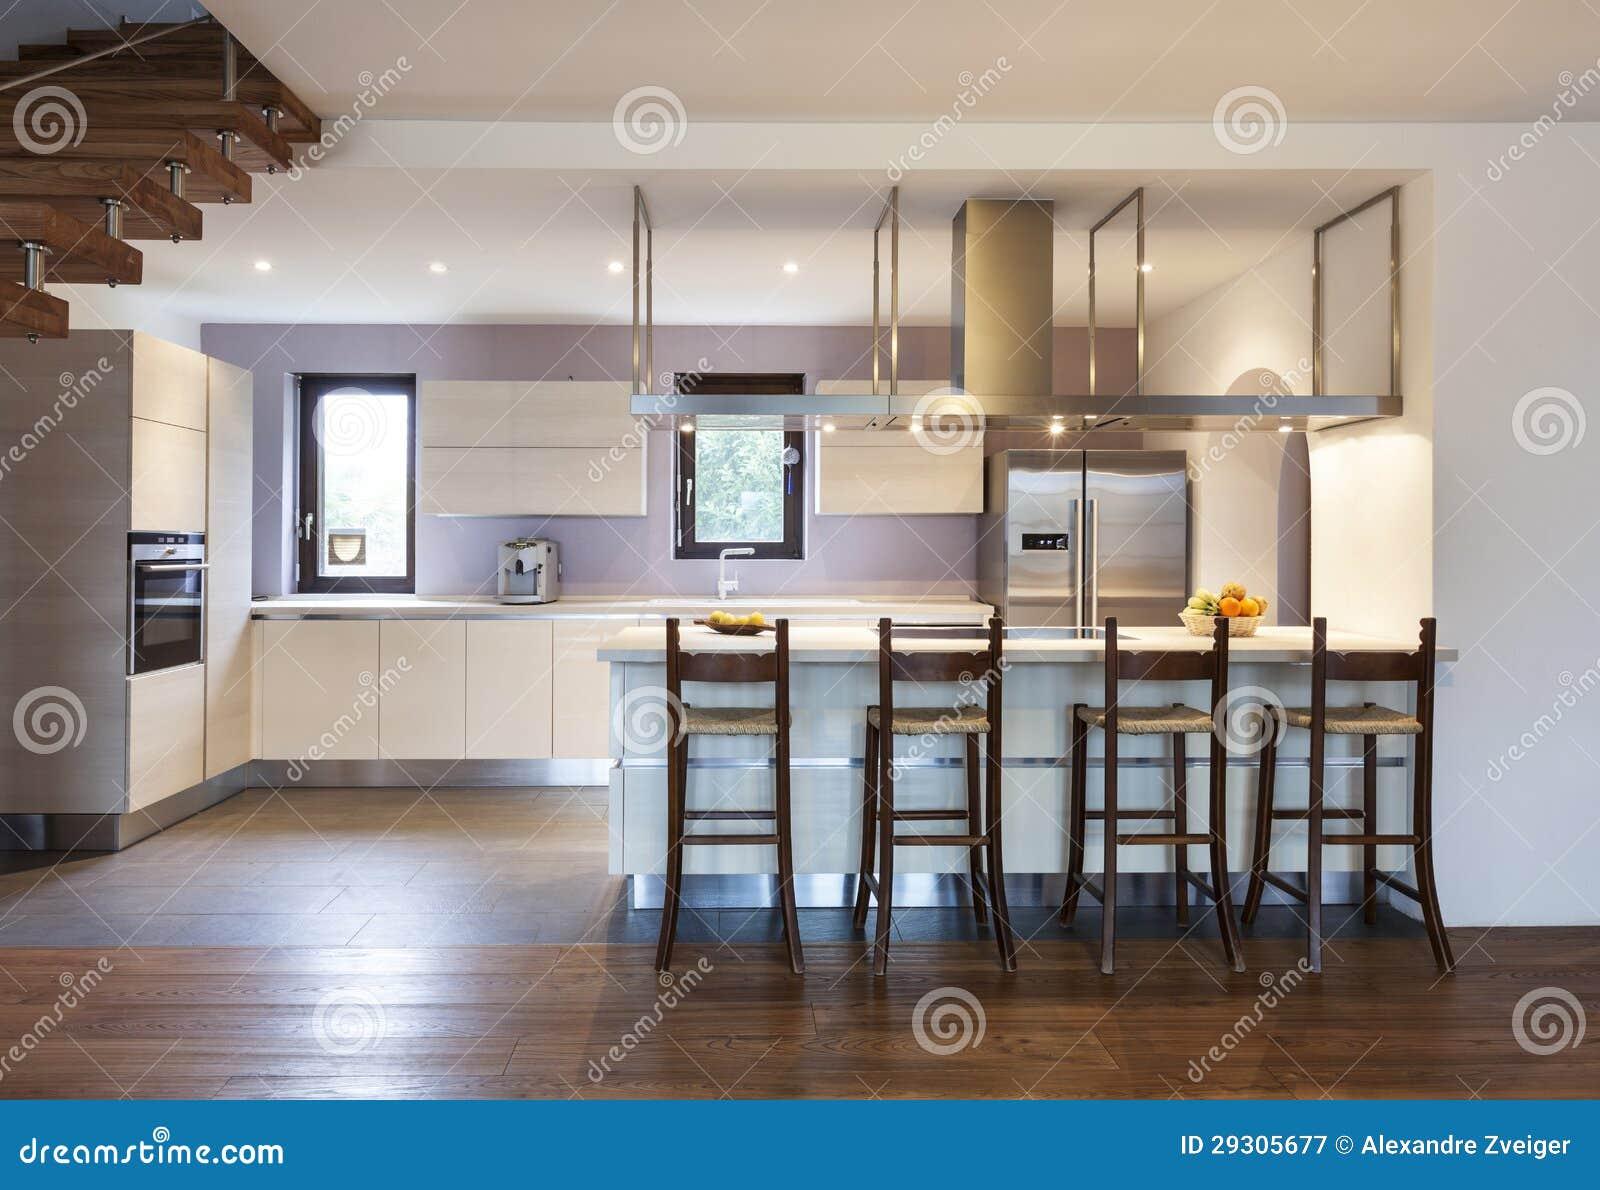 Innenhaus, Küche stockbild. Bild von leuchte, niemand - 29305677